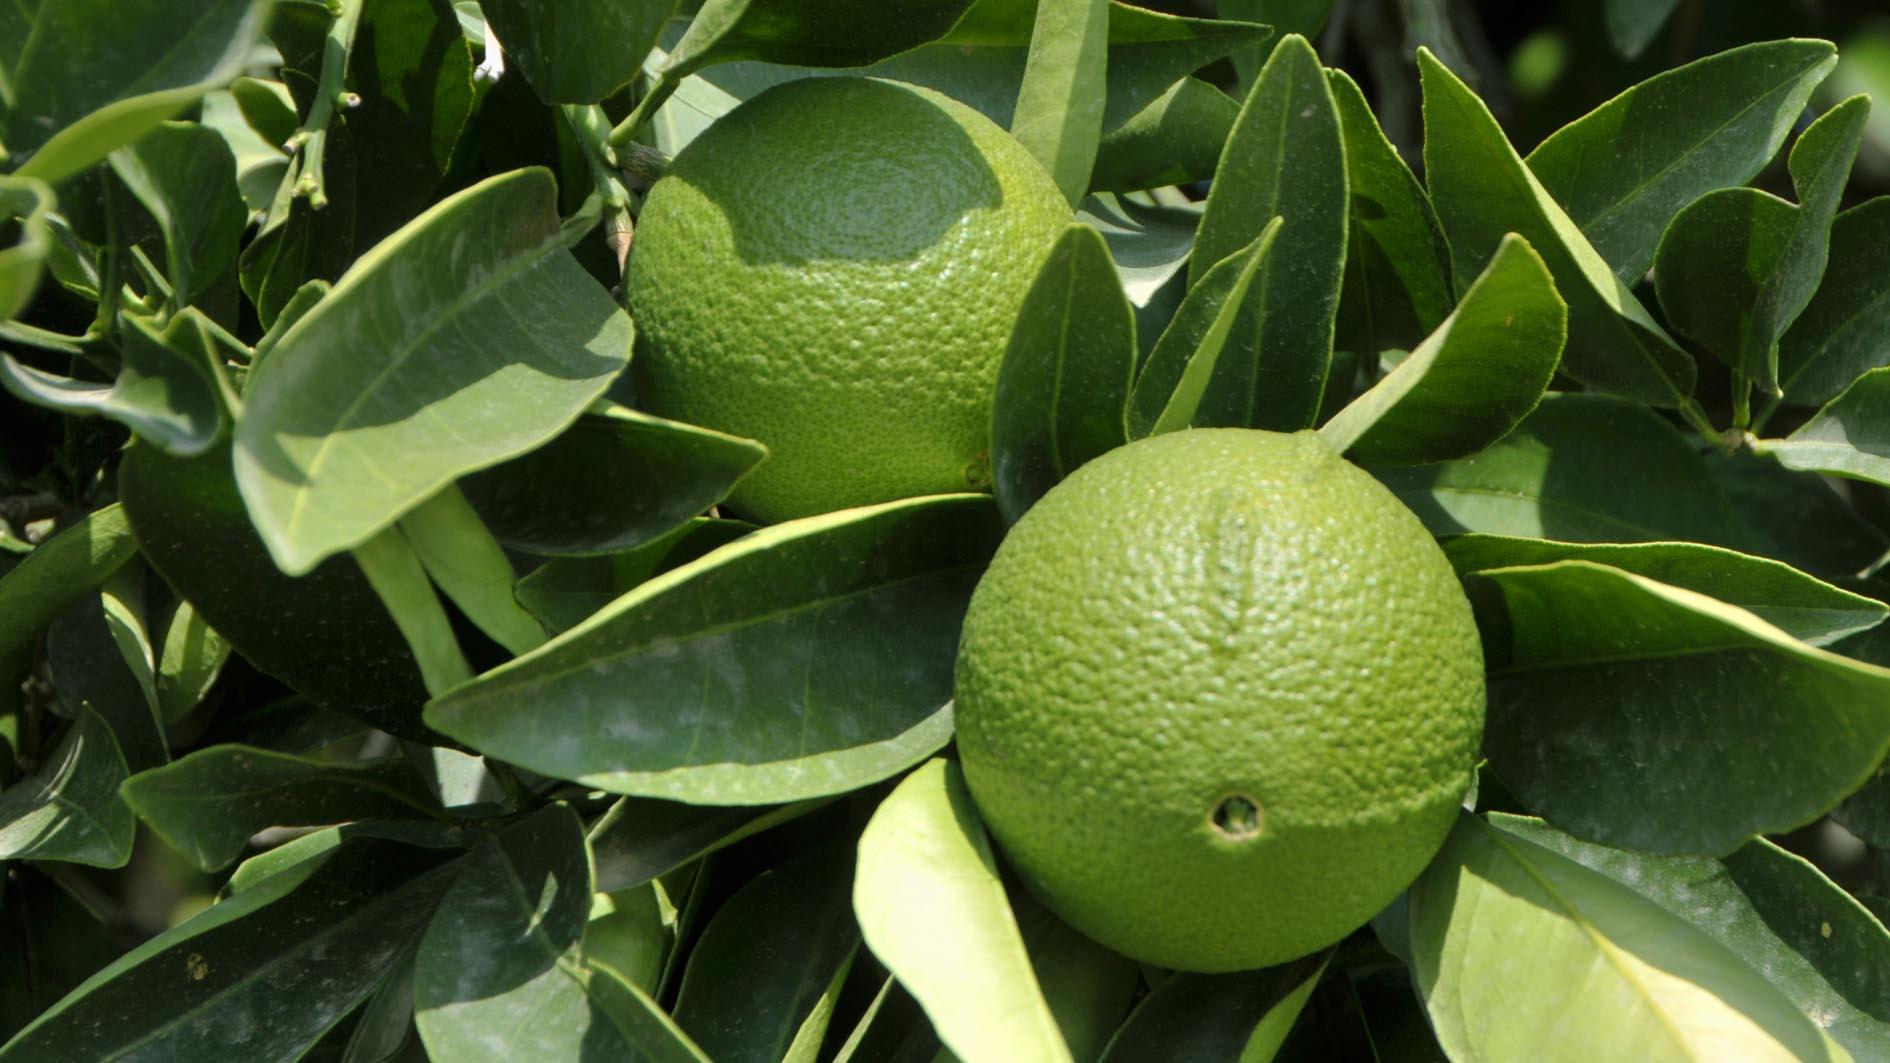 Плоды и листья бергамота зеленого цвета